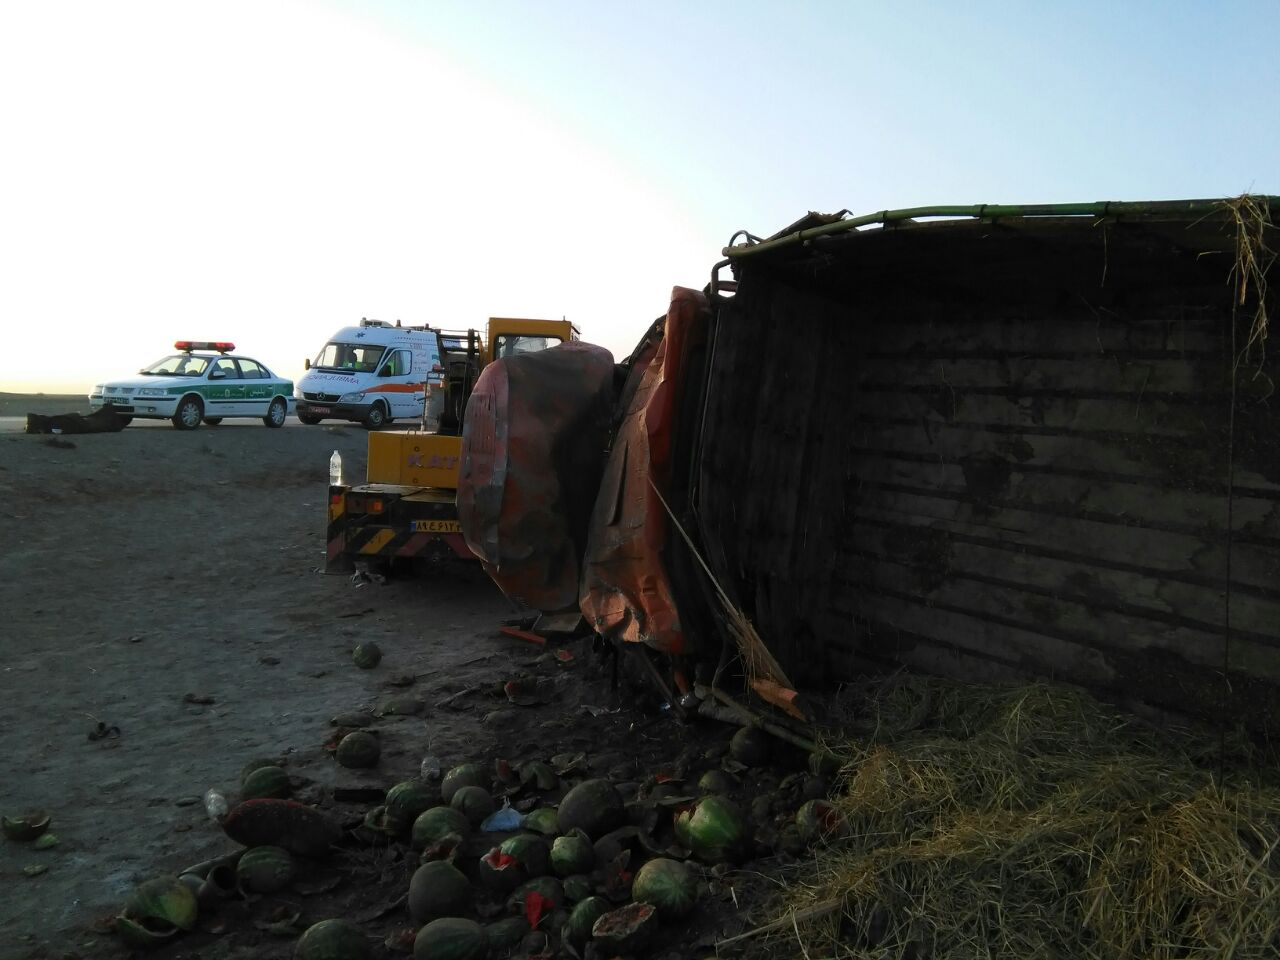 واژگونی کامیون یک کشته بر جای گذاشت